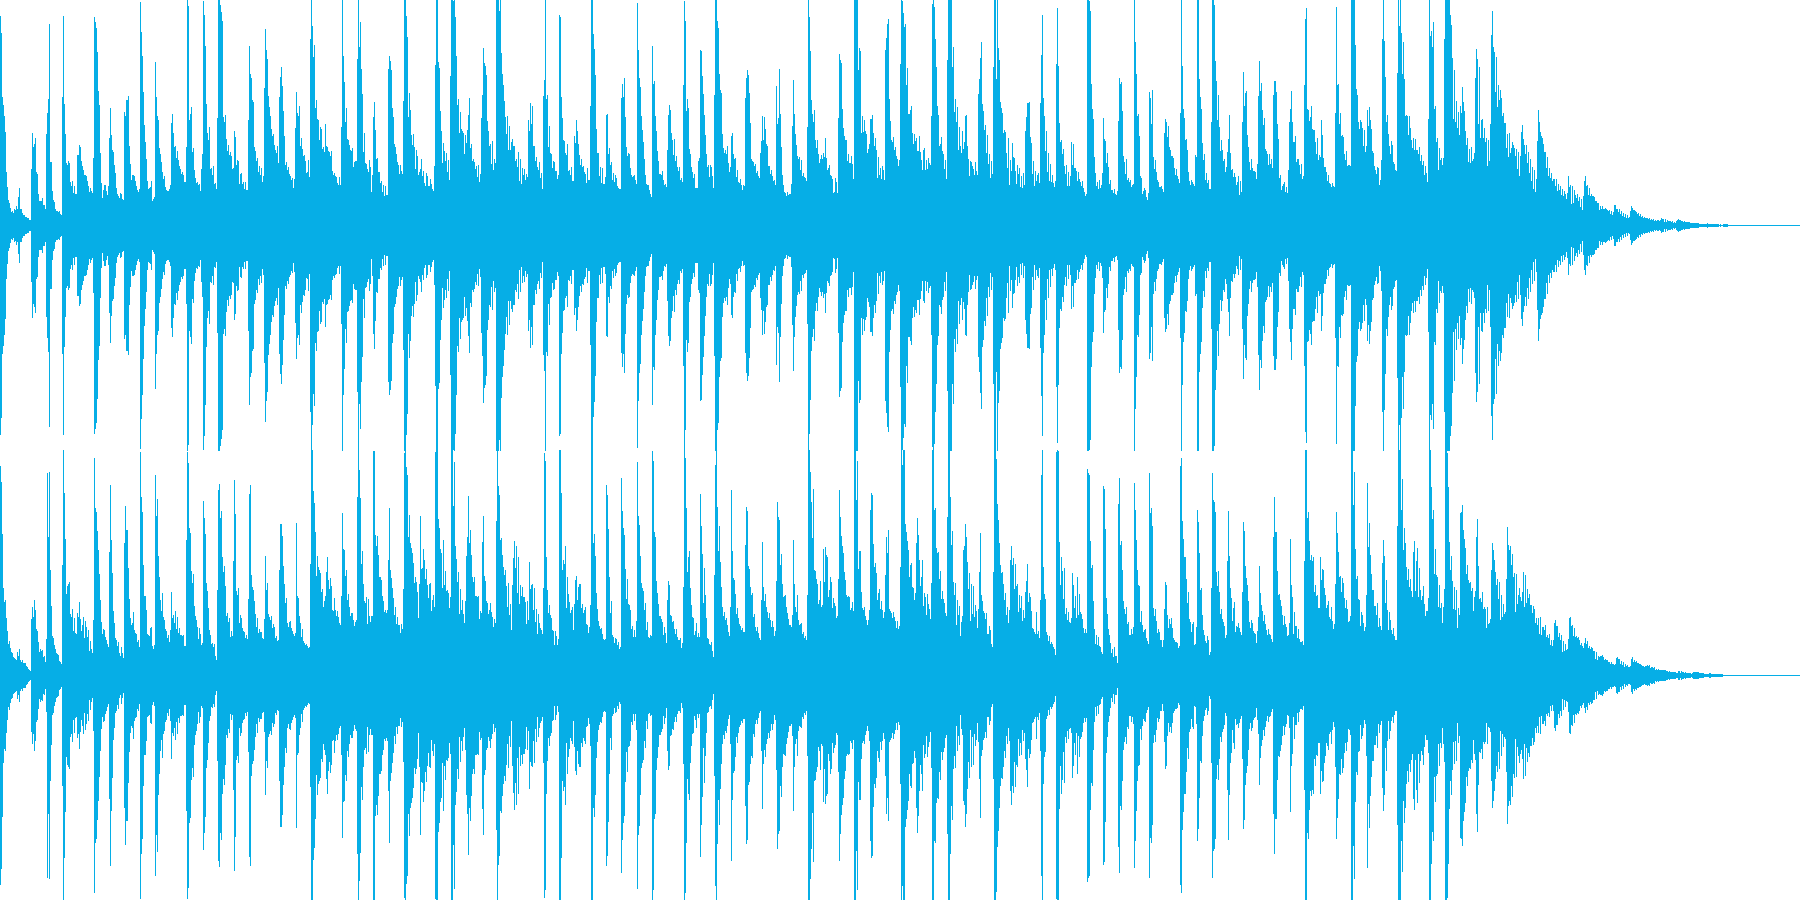 キラキラしたハウステイストのBGMの再生済みの波形